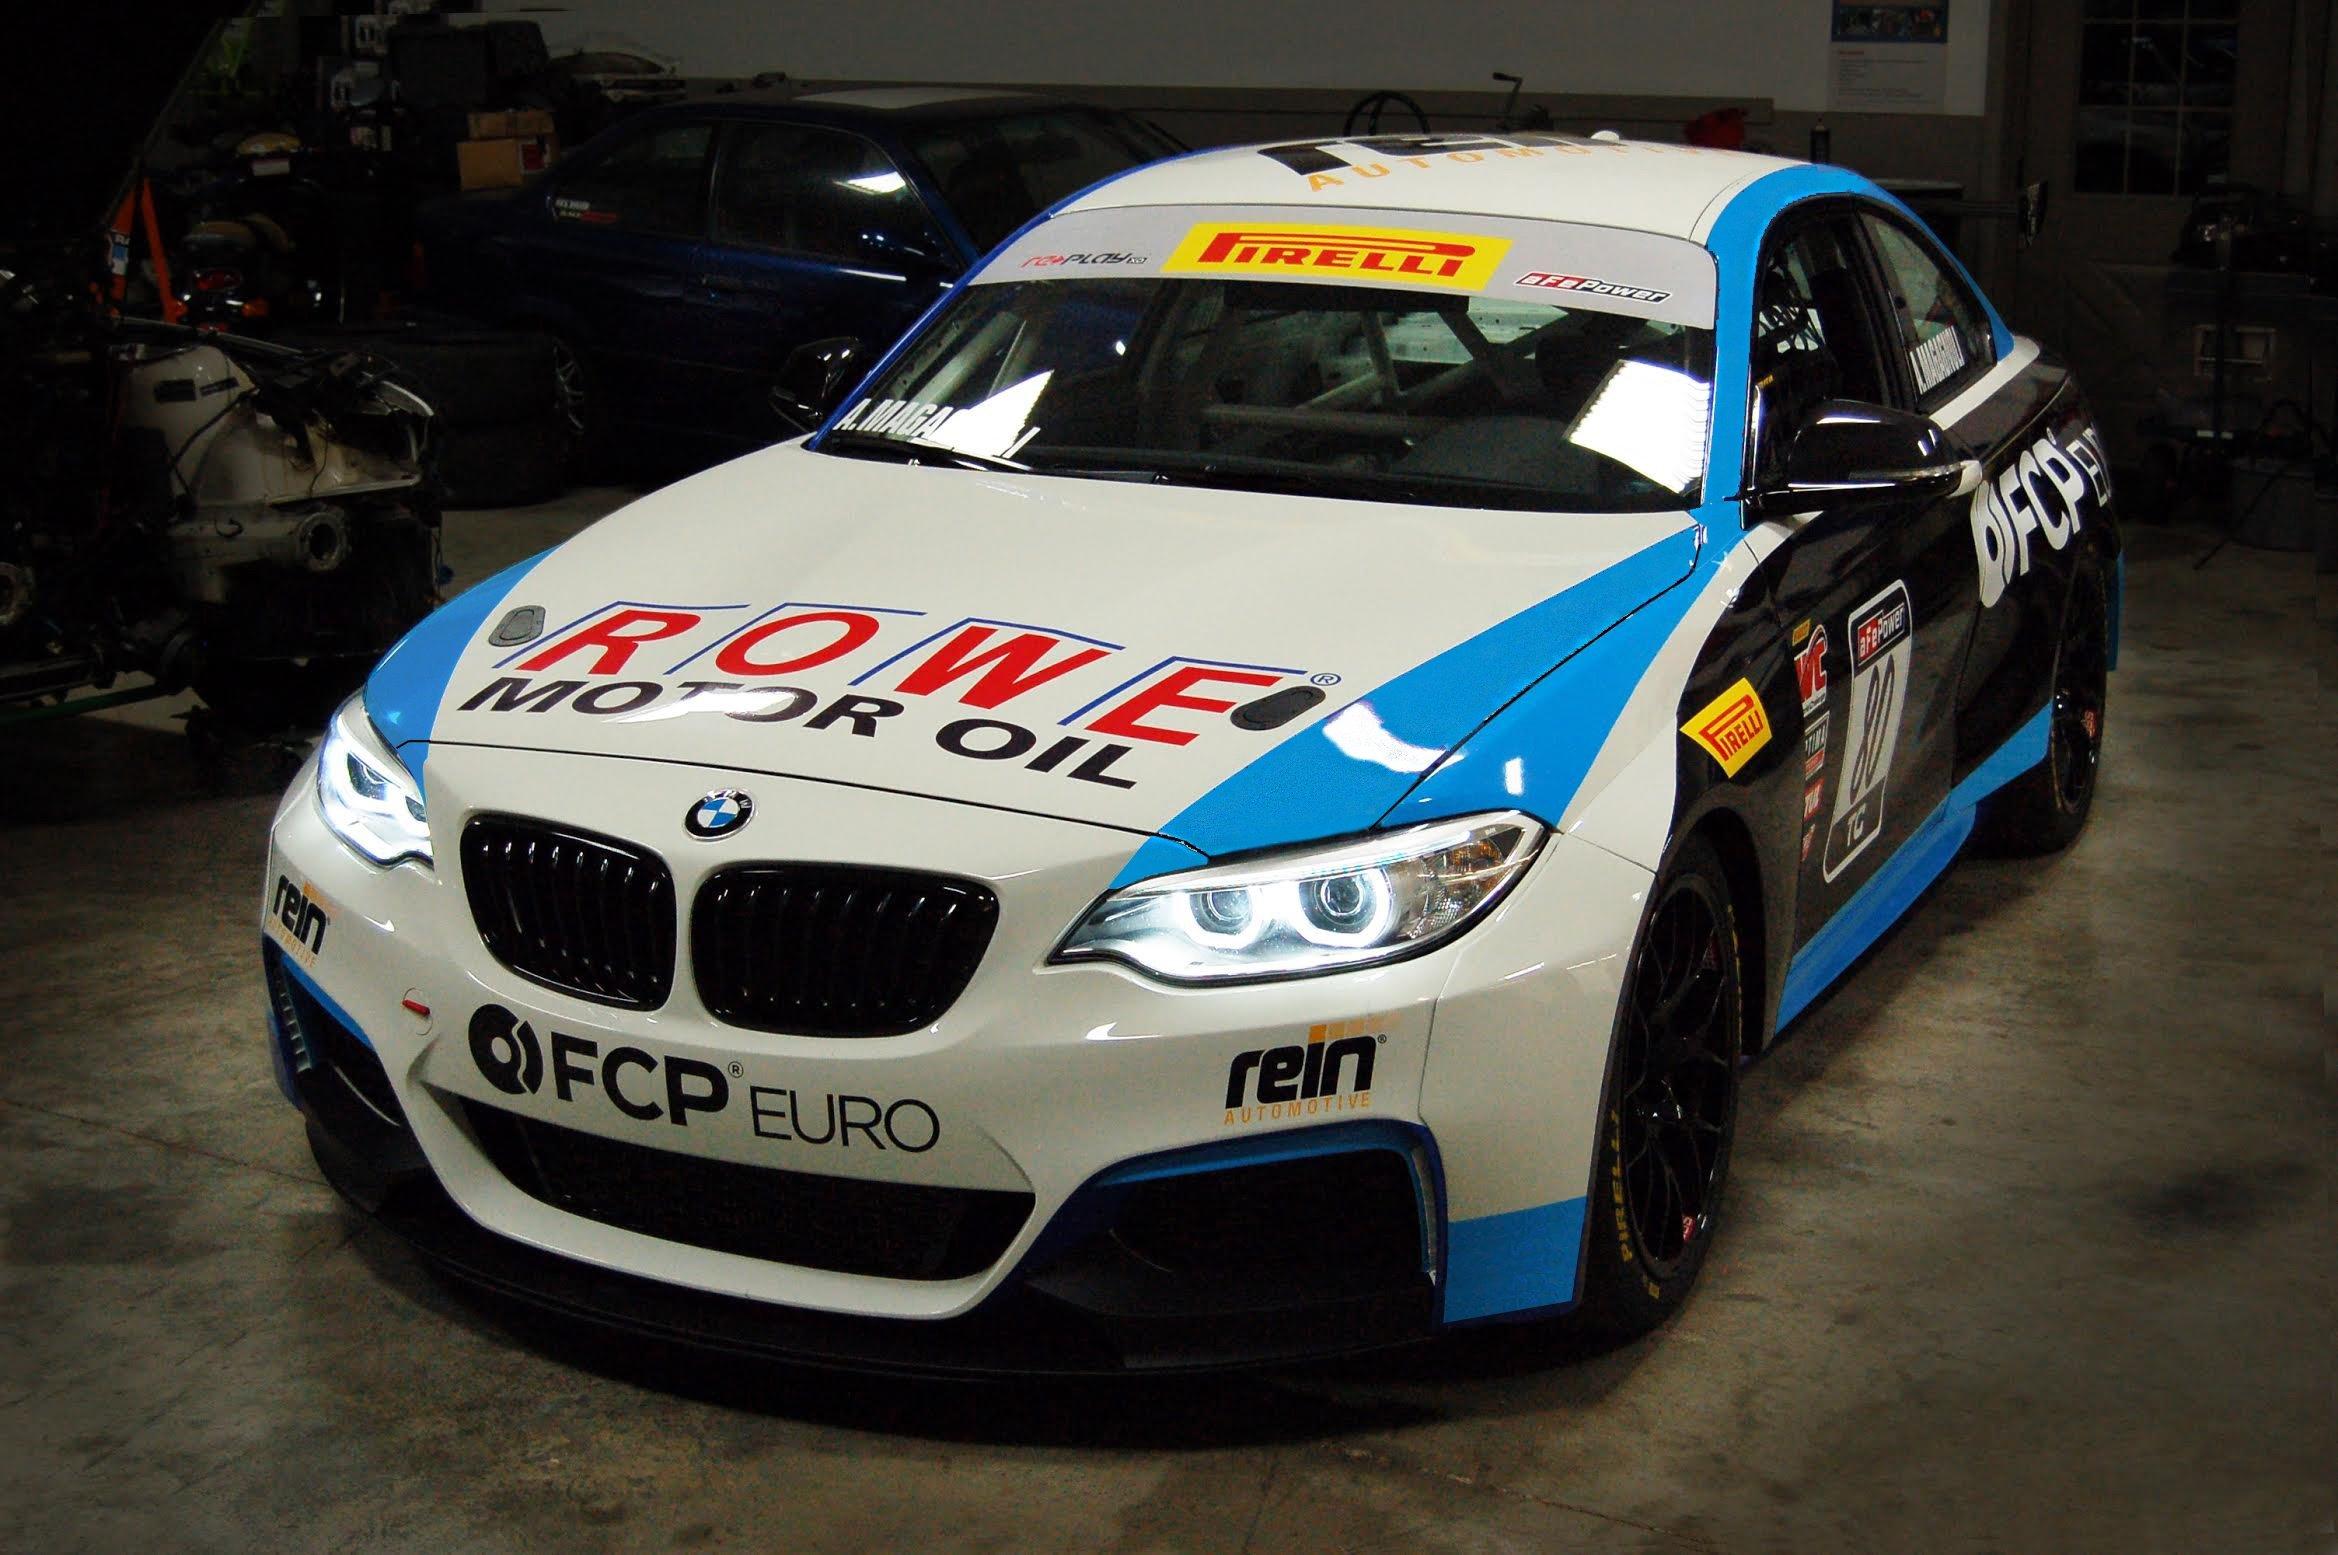 FCP-Euro-BMW-M235iR-Pirelli-World-Challenge+(2)